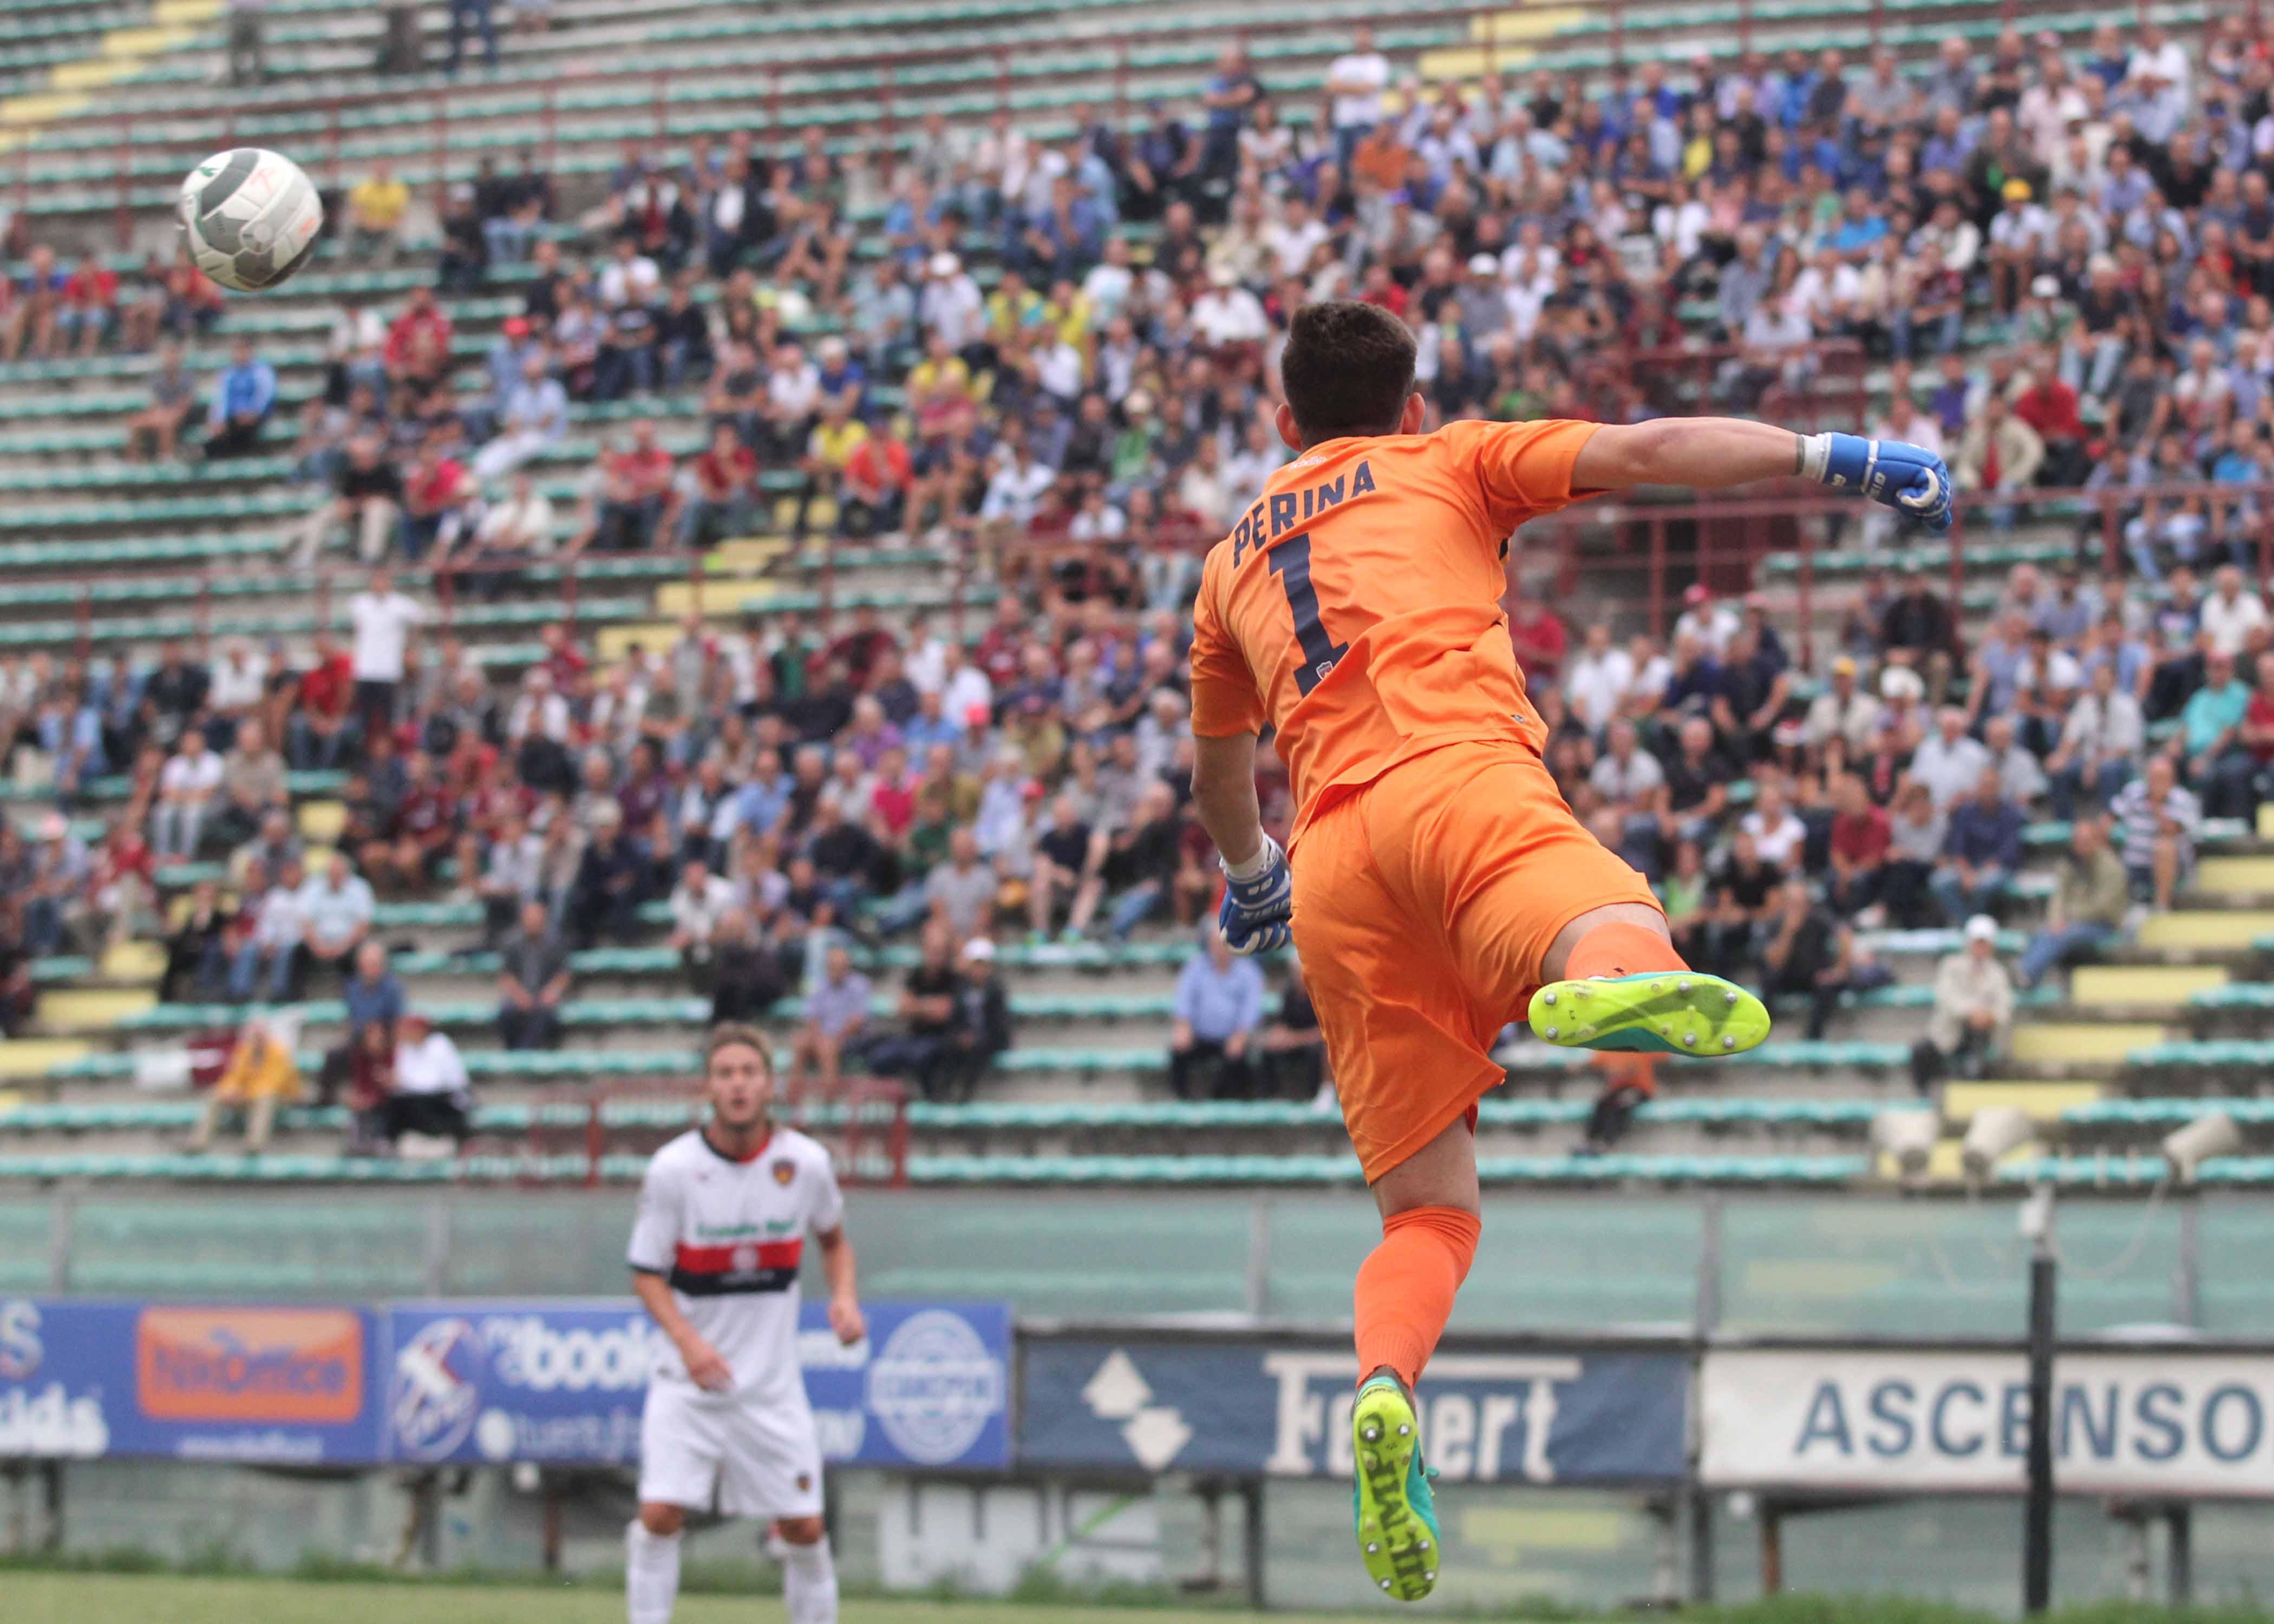 In Lega Pro Cosenza come Alessandria e Venezia. E Perina vuole superare i suoi record